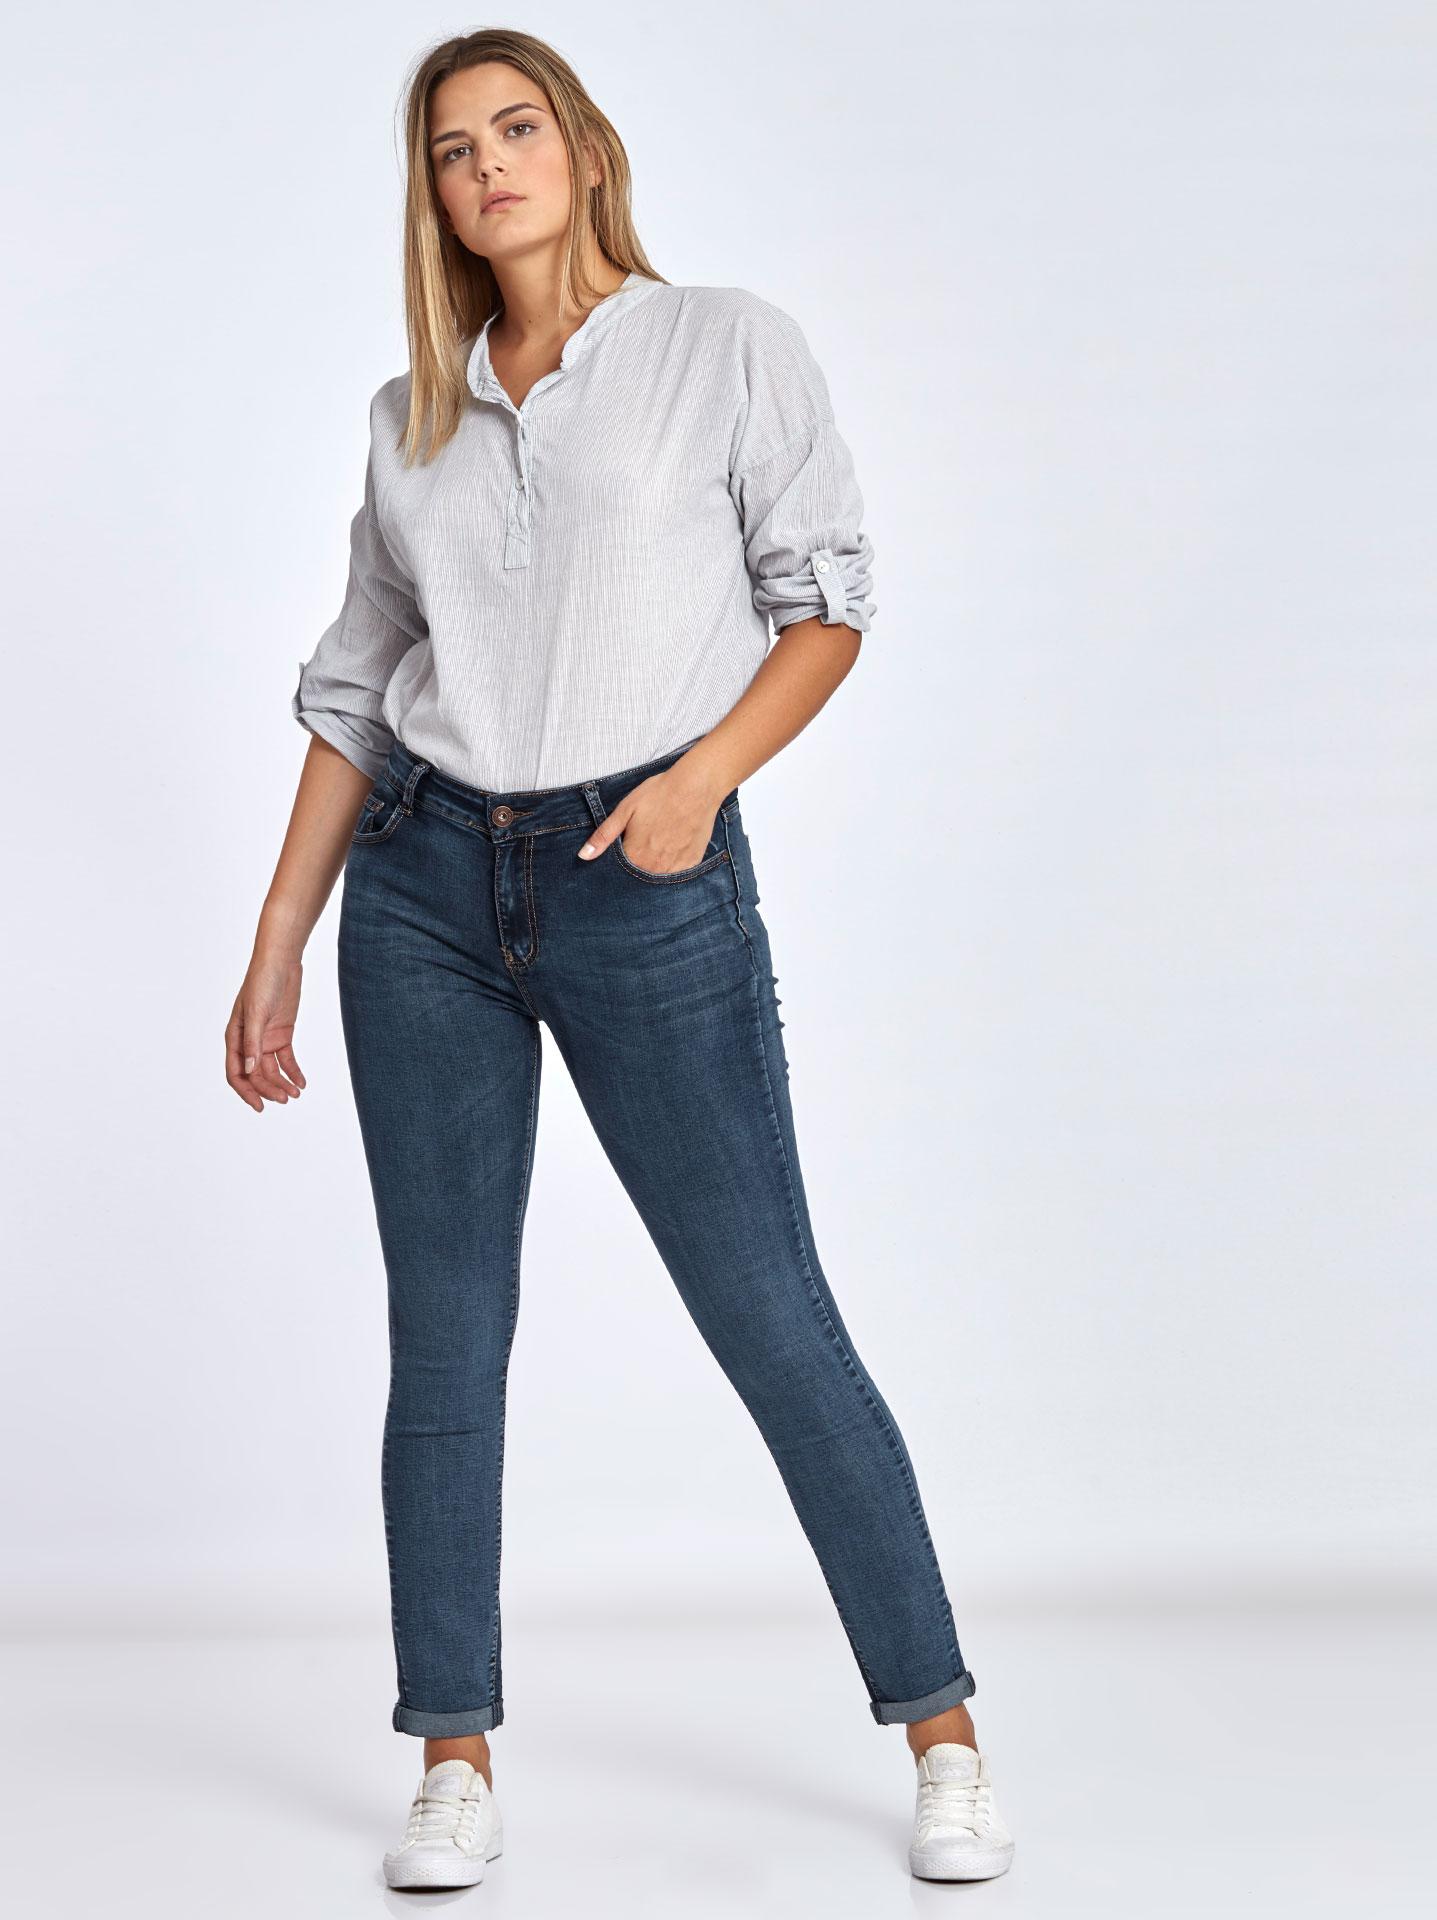 ce15fec6de6 Skinny τζιν παντελόνι curvy σε σκουρο μπλε, 14,95€ | Celestino